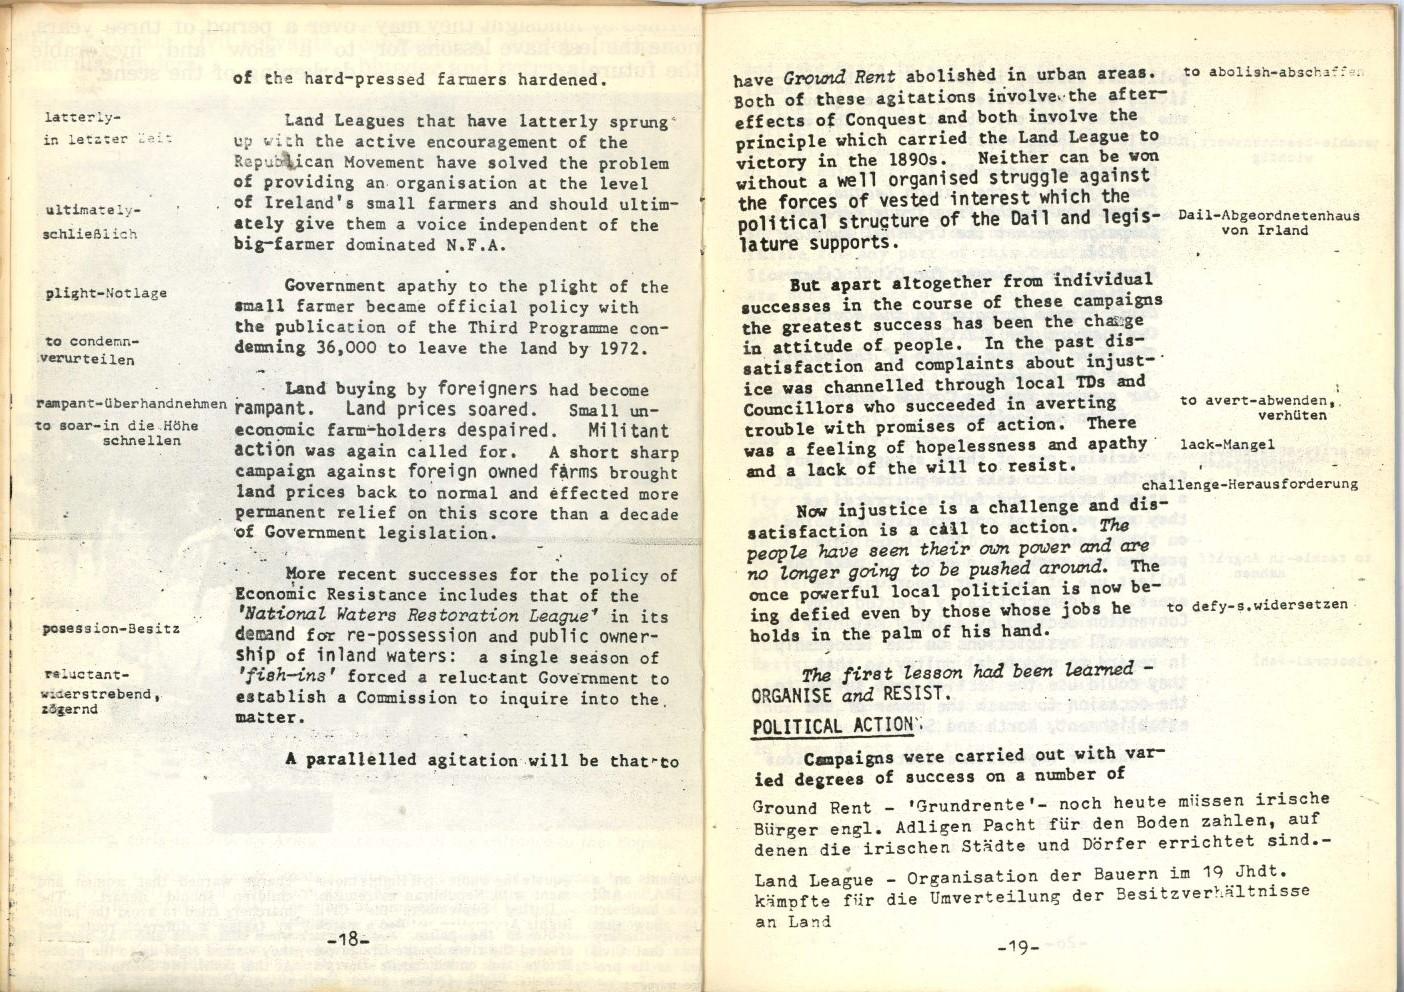 Berlin_Druckcooperative_1972_IRA_speaks_12